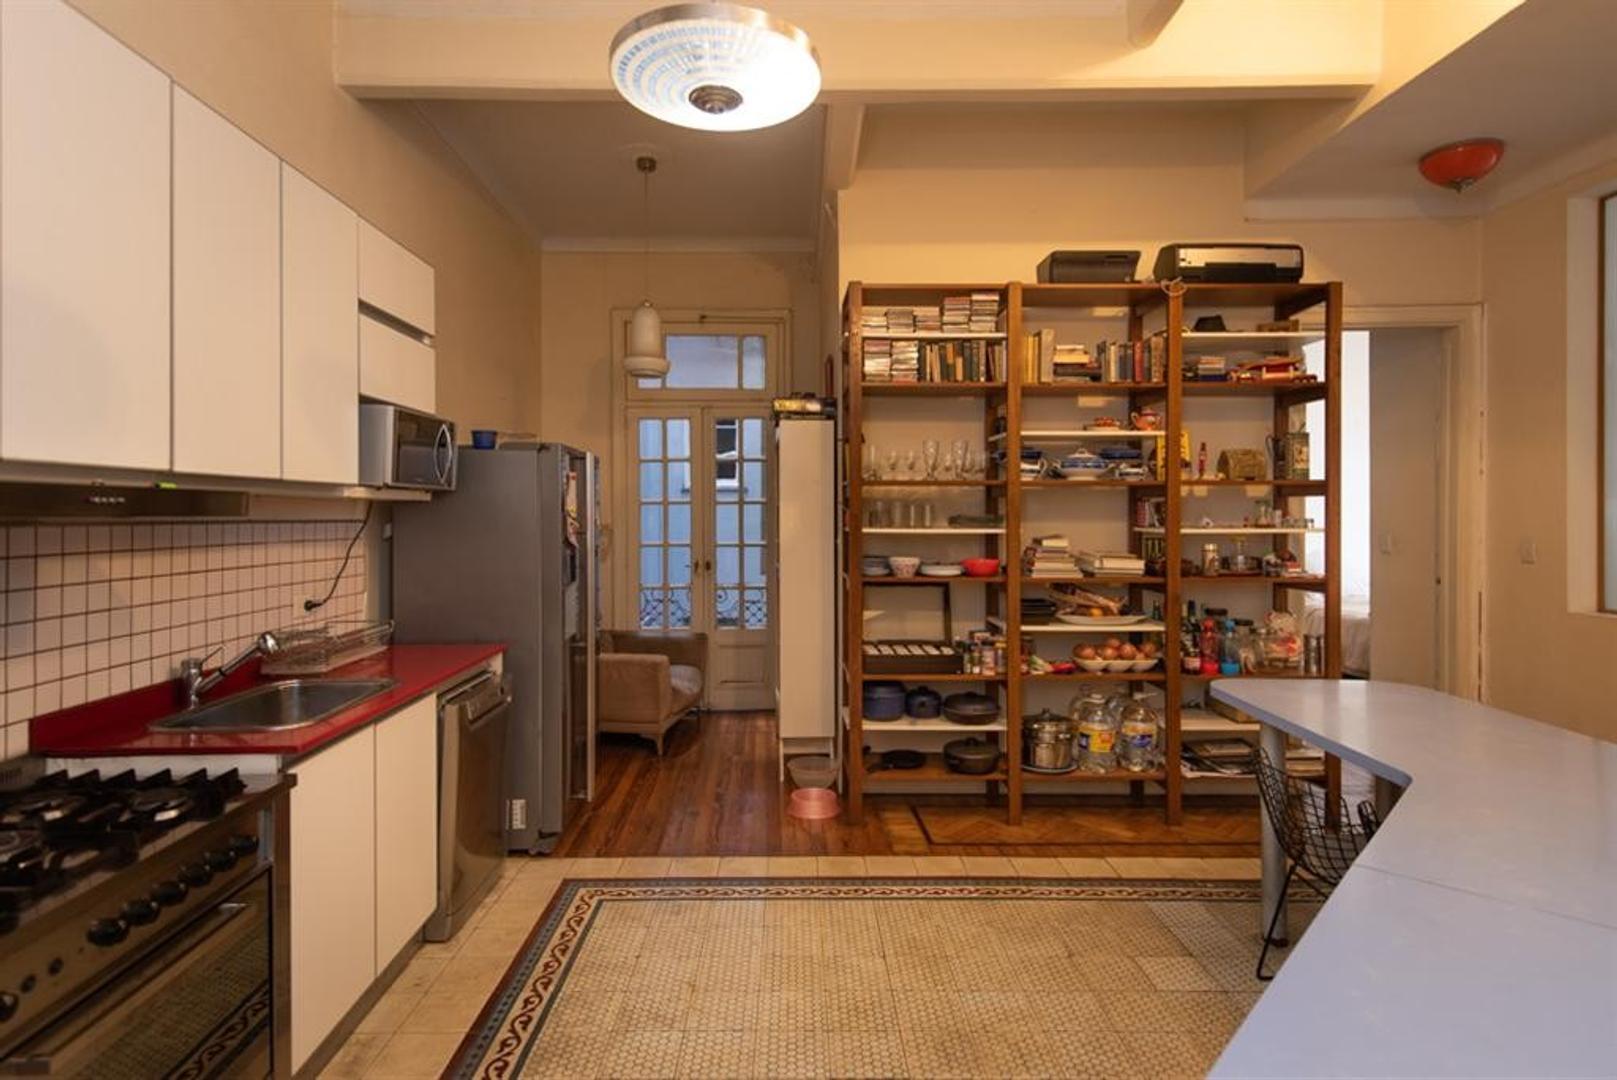 Muy buen departamento antiguo, reciclado, en esquina. Luminoso, excelentes detalles - Foto 30